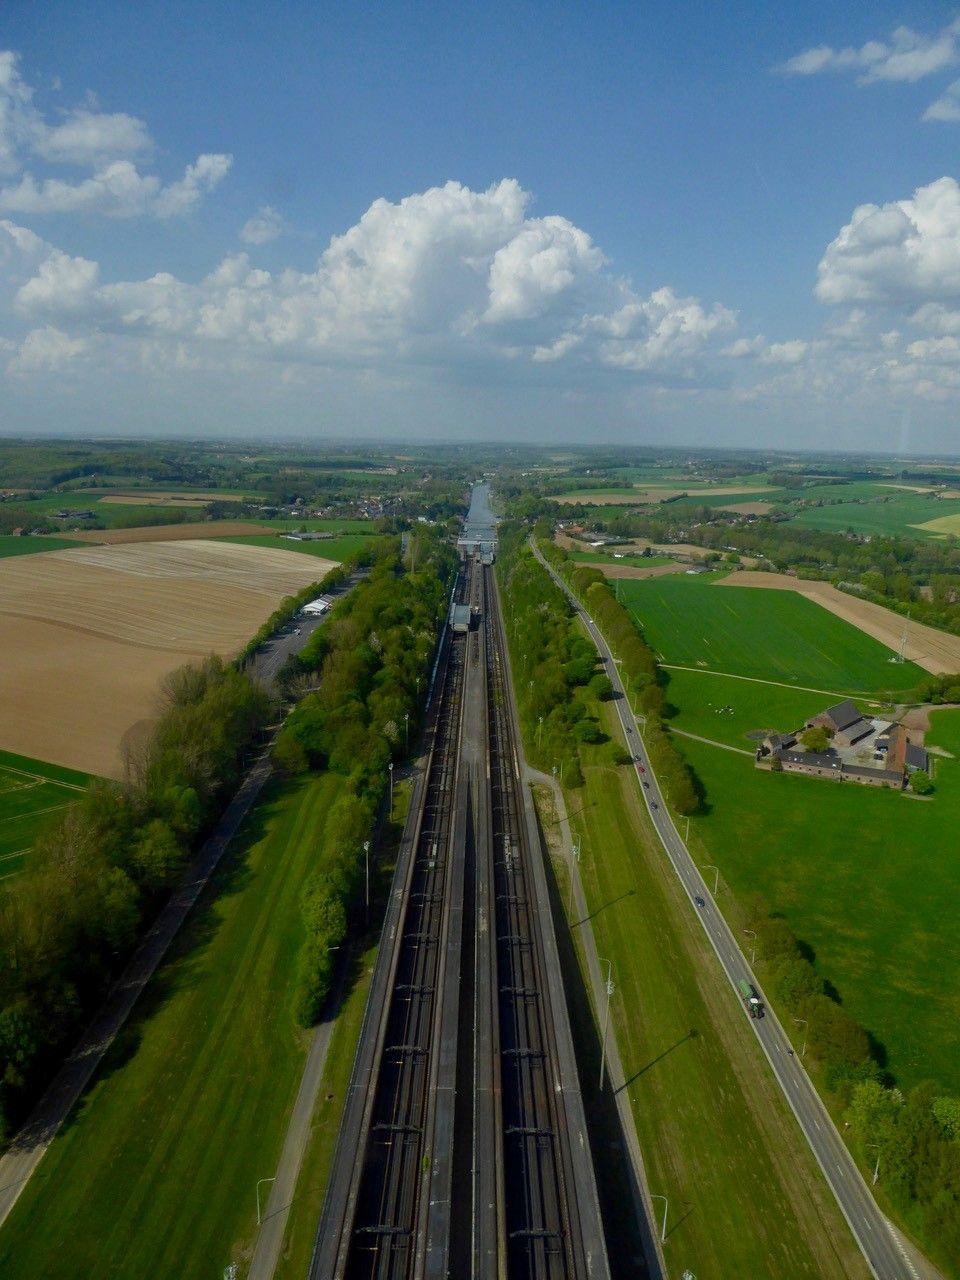 ツウ好み!ベルギー南部の世界遺産を巡るちょっとディープな旅